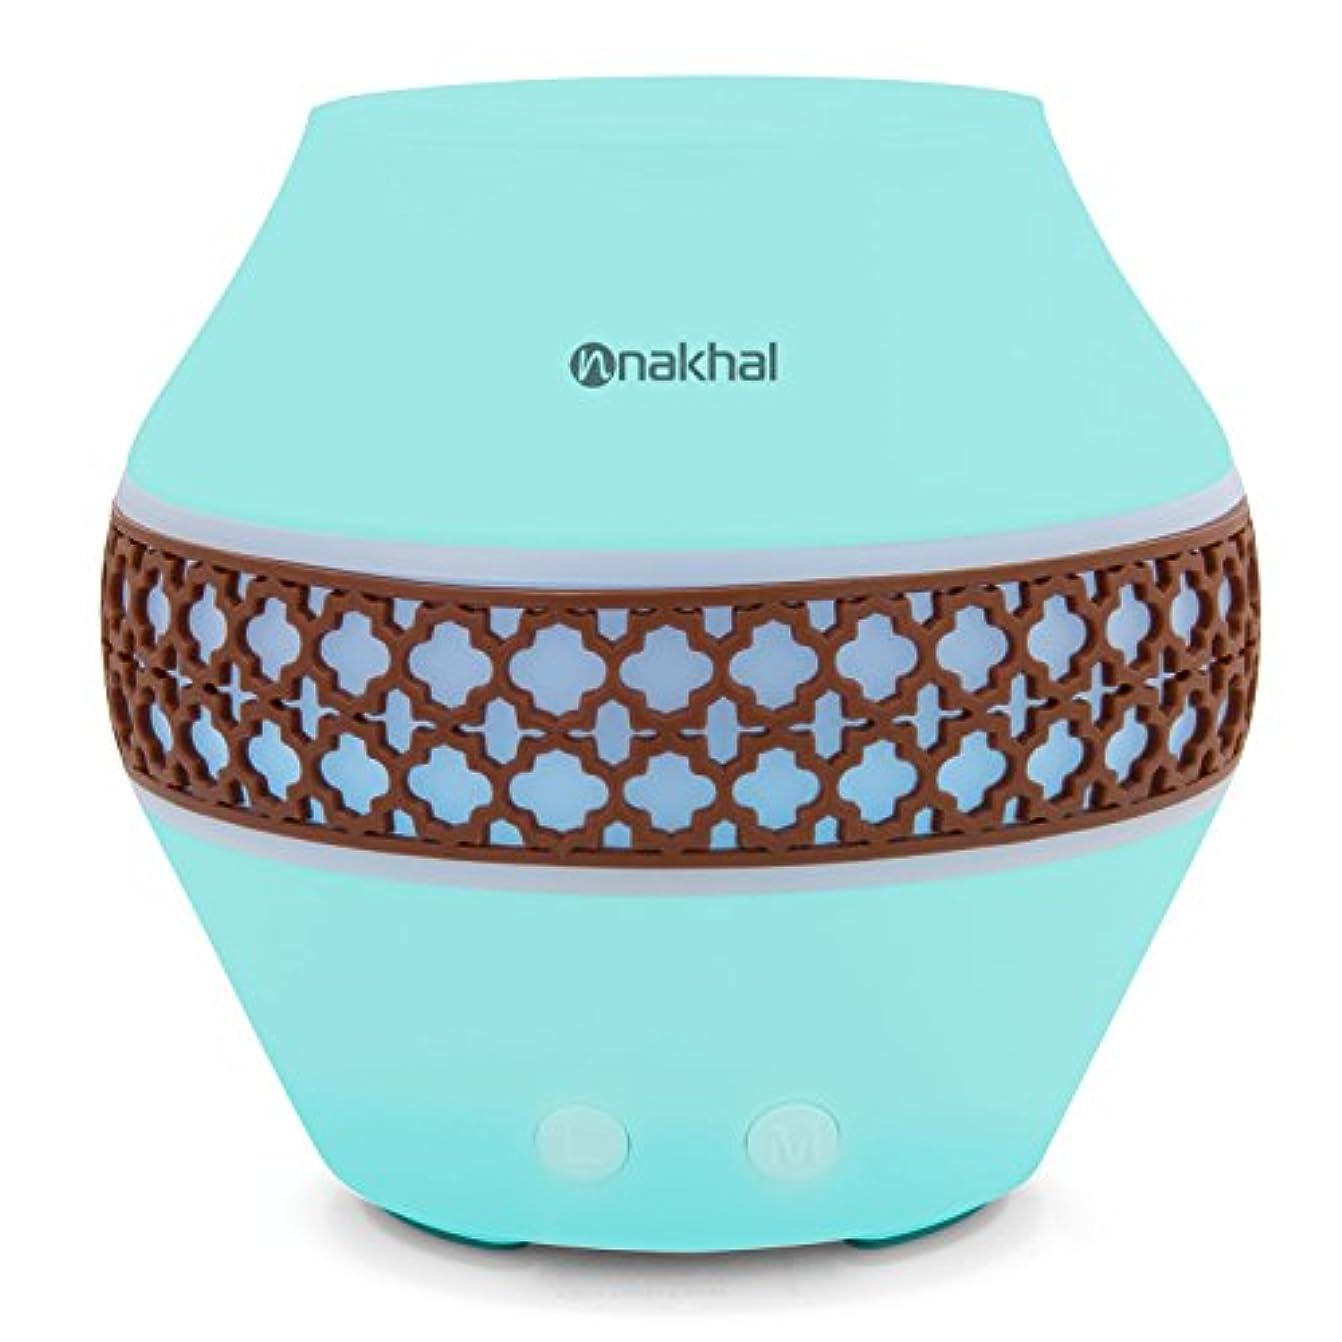 クレタ確立約束するNakhal 120 ml Aromatherapy Essential Oil Diffuser、超音波クールなミスト加湿器で7色LEDライト変更 – Classical